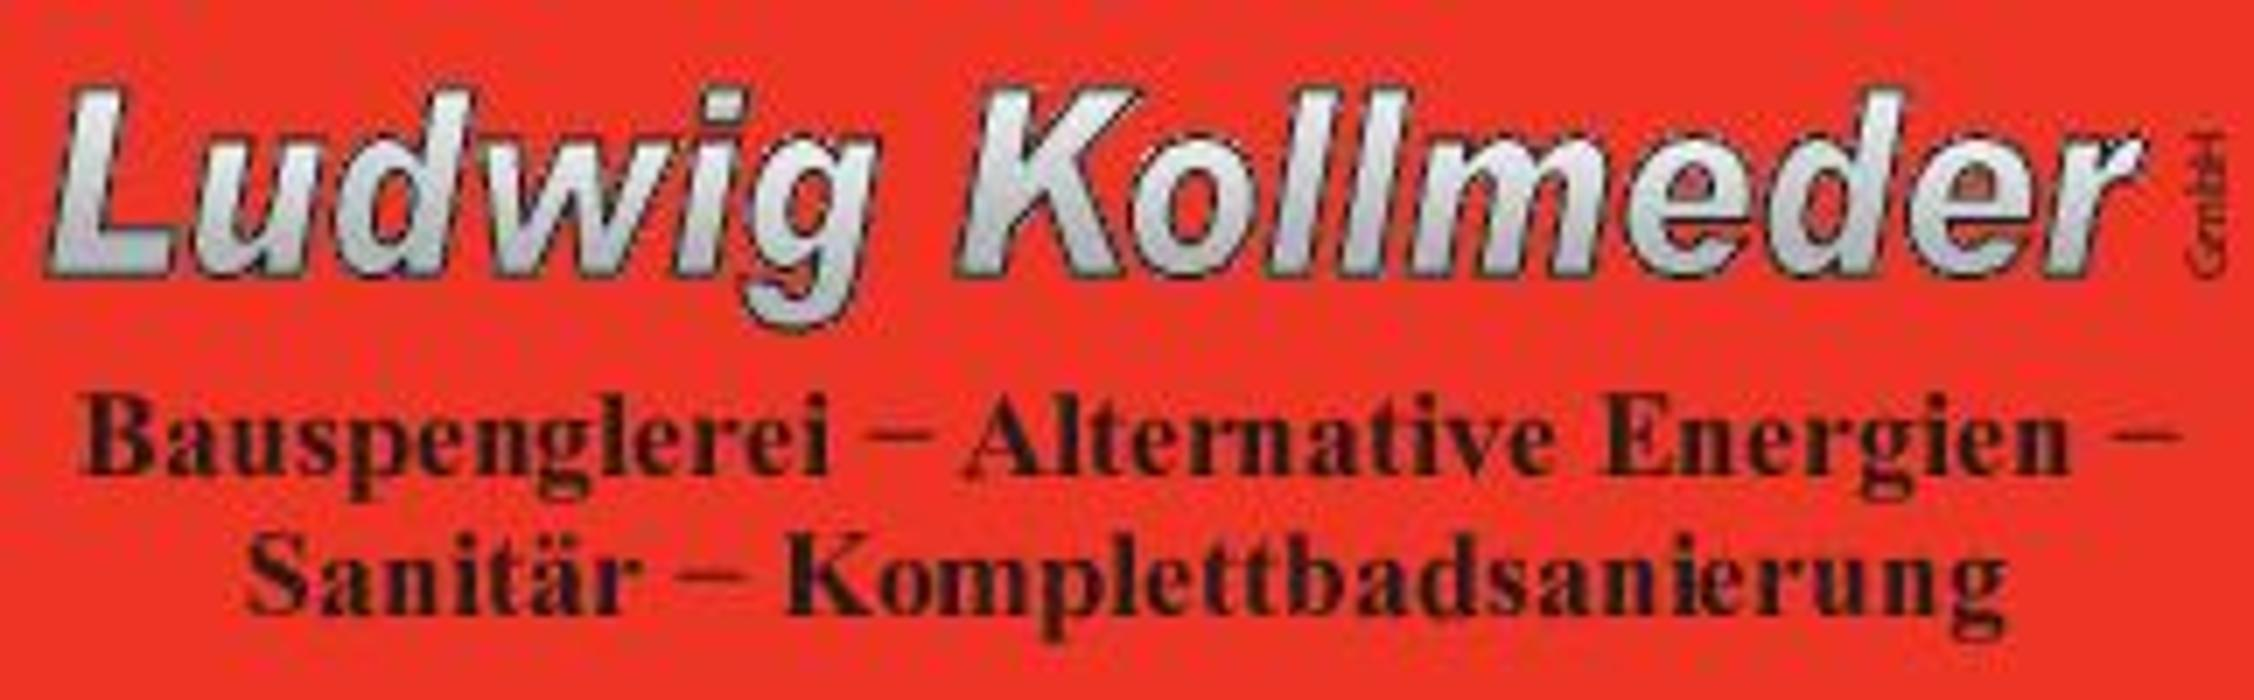 Ludwig Kollmeder GmbH